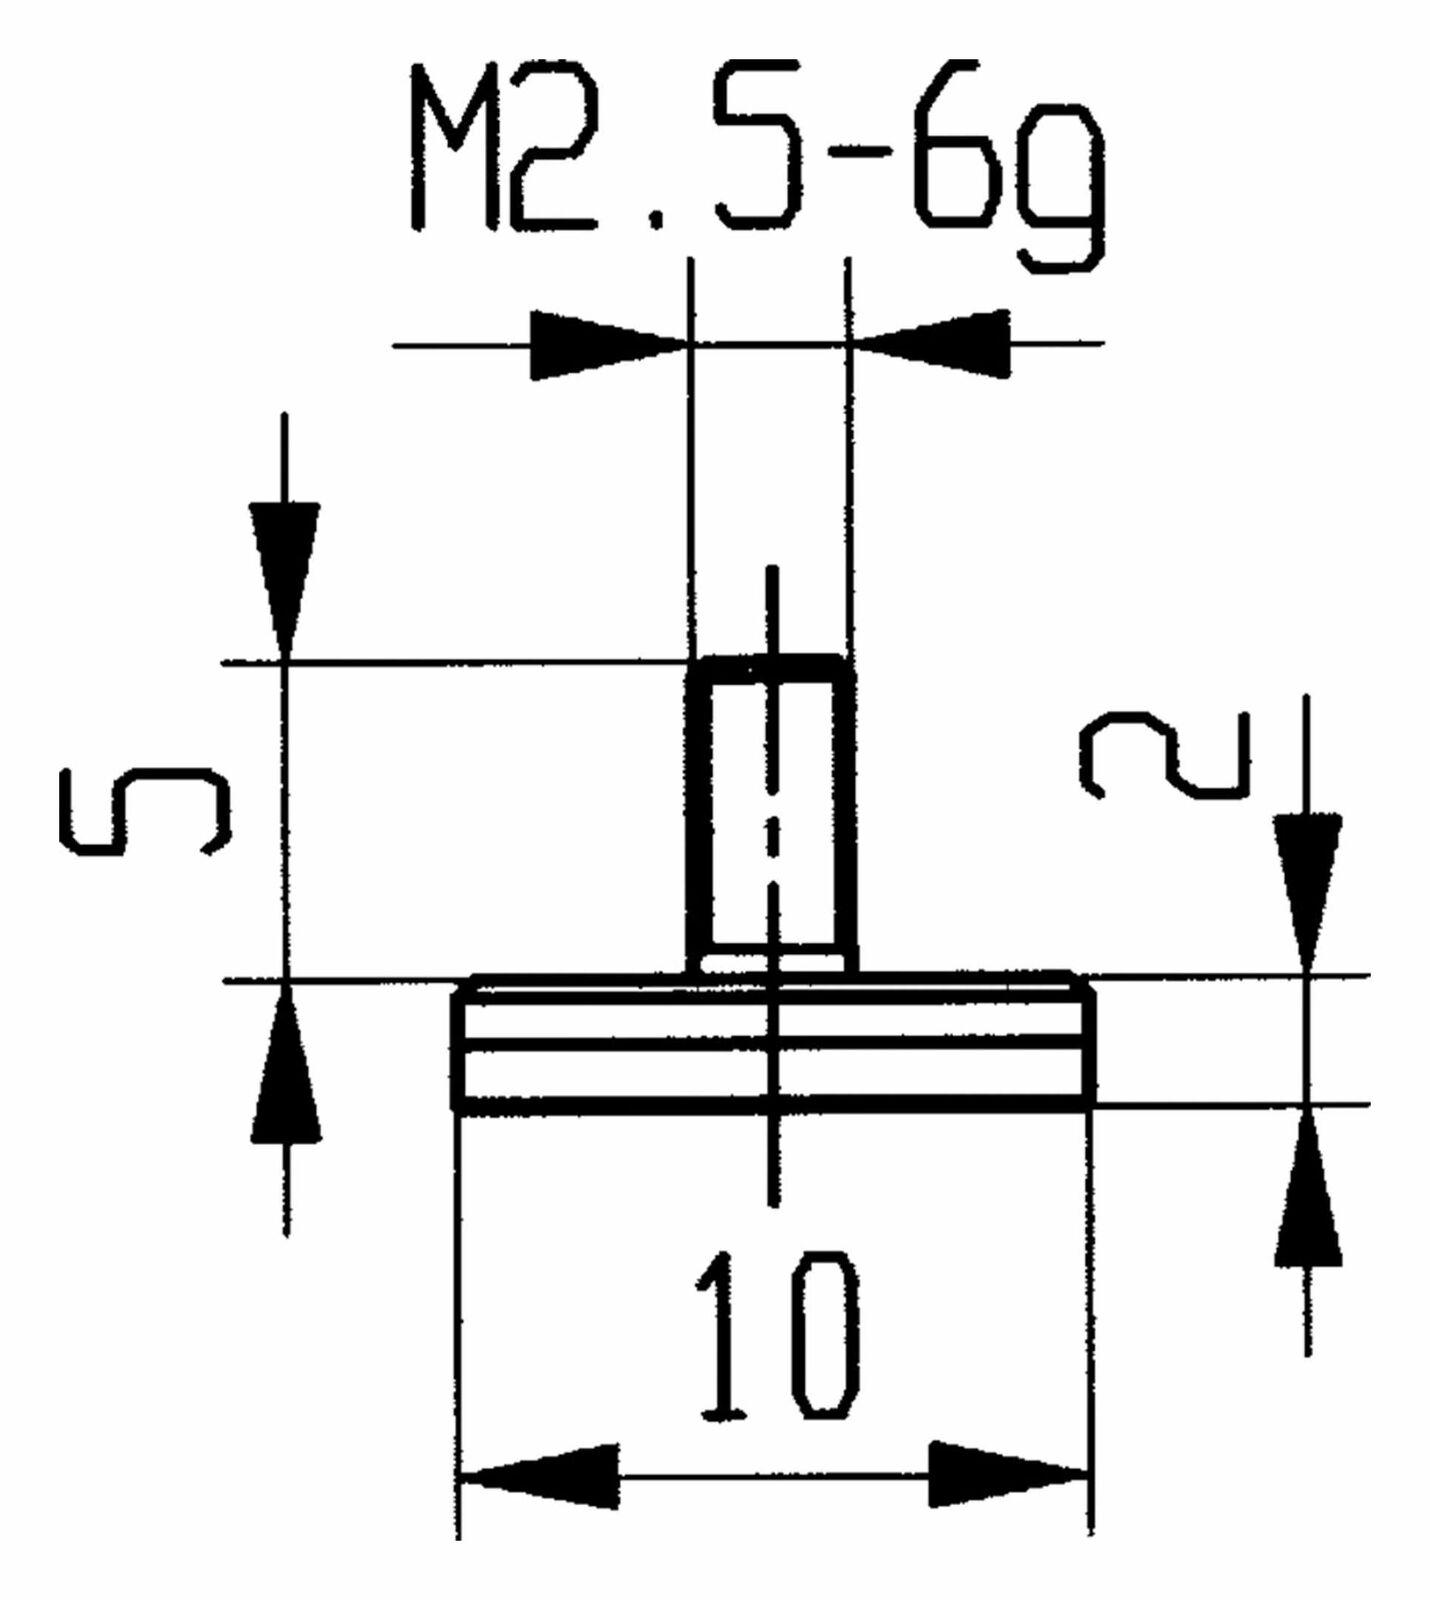 Käfer Messeinsatz HM Abbildung 11   10,0mm - 573 573 573 11H | Schöne Farbe  | Shop  | Maßstab ist der Grundstein, Qualität ist Säulenbalken, Preis ist Leiter  4c512c